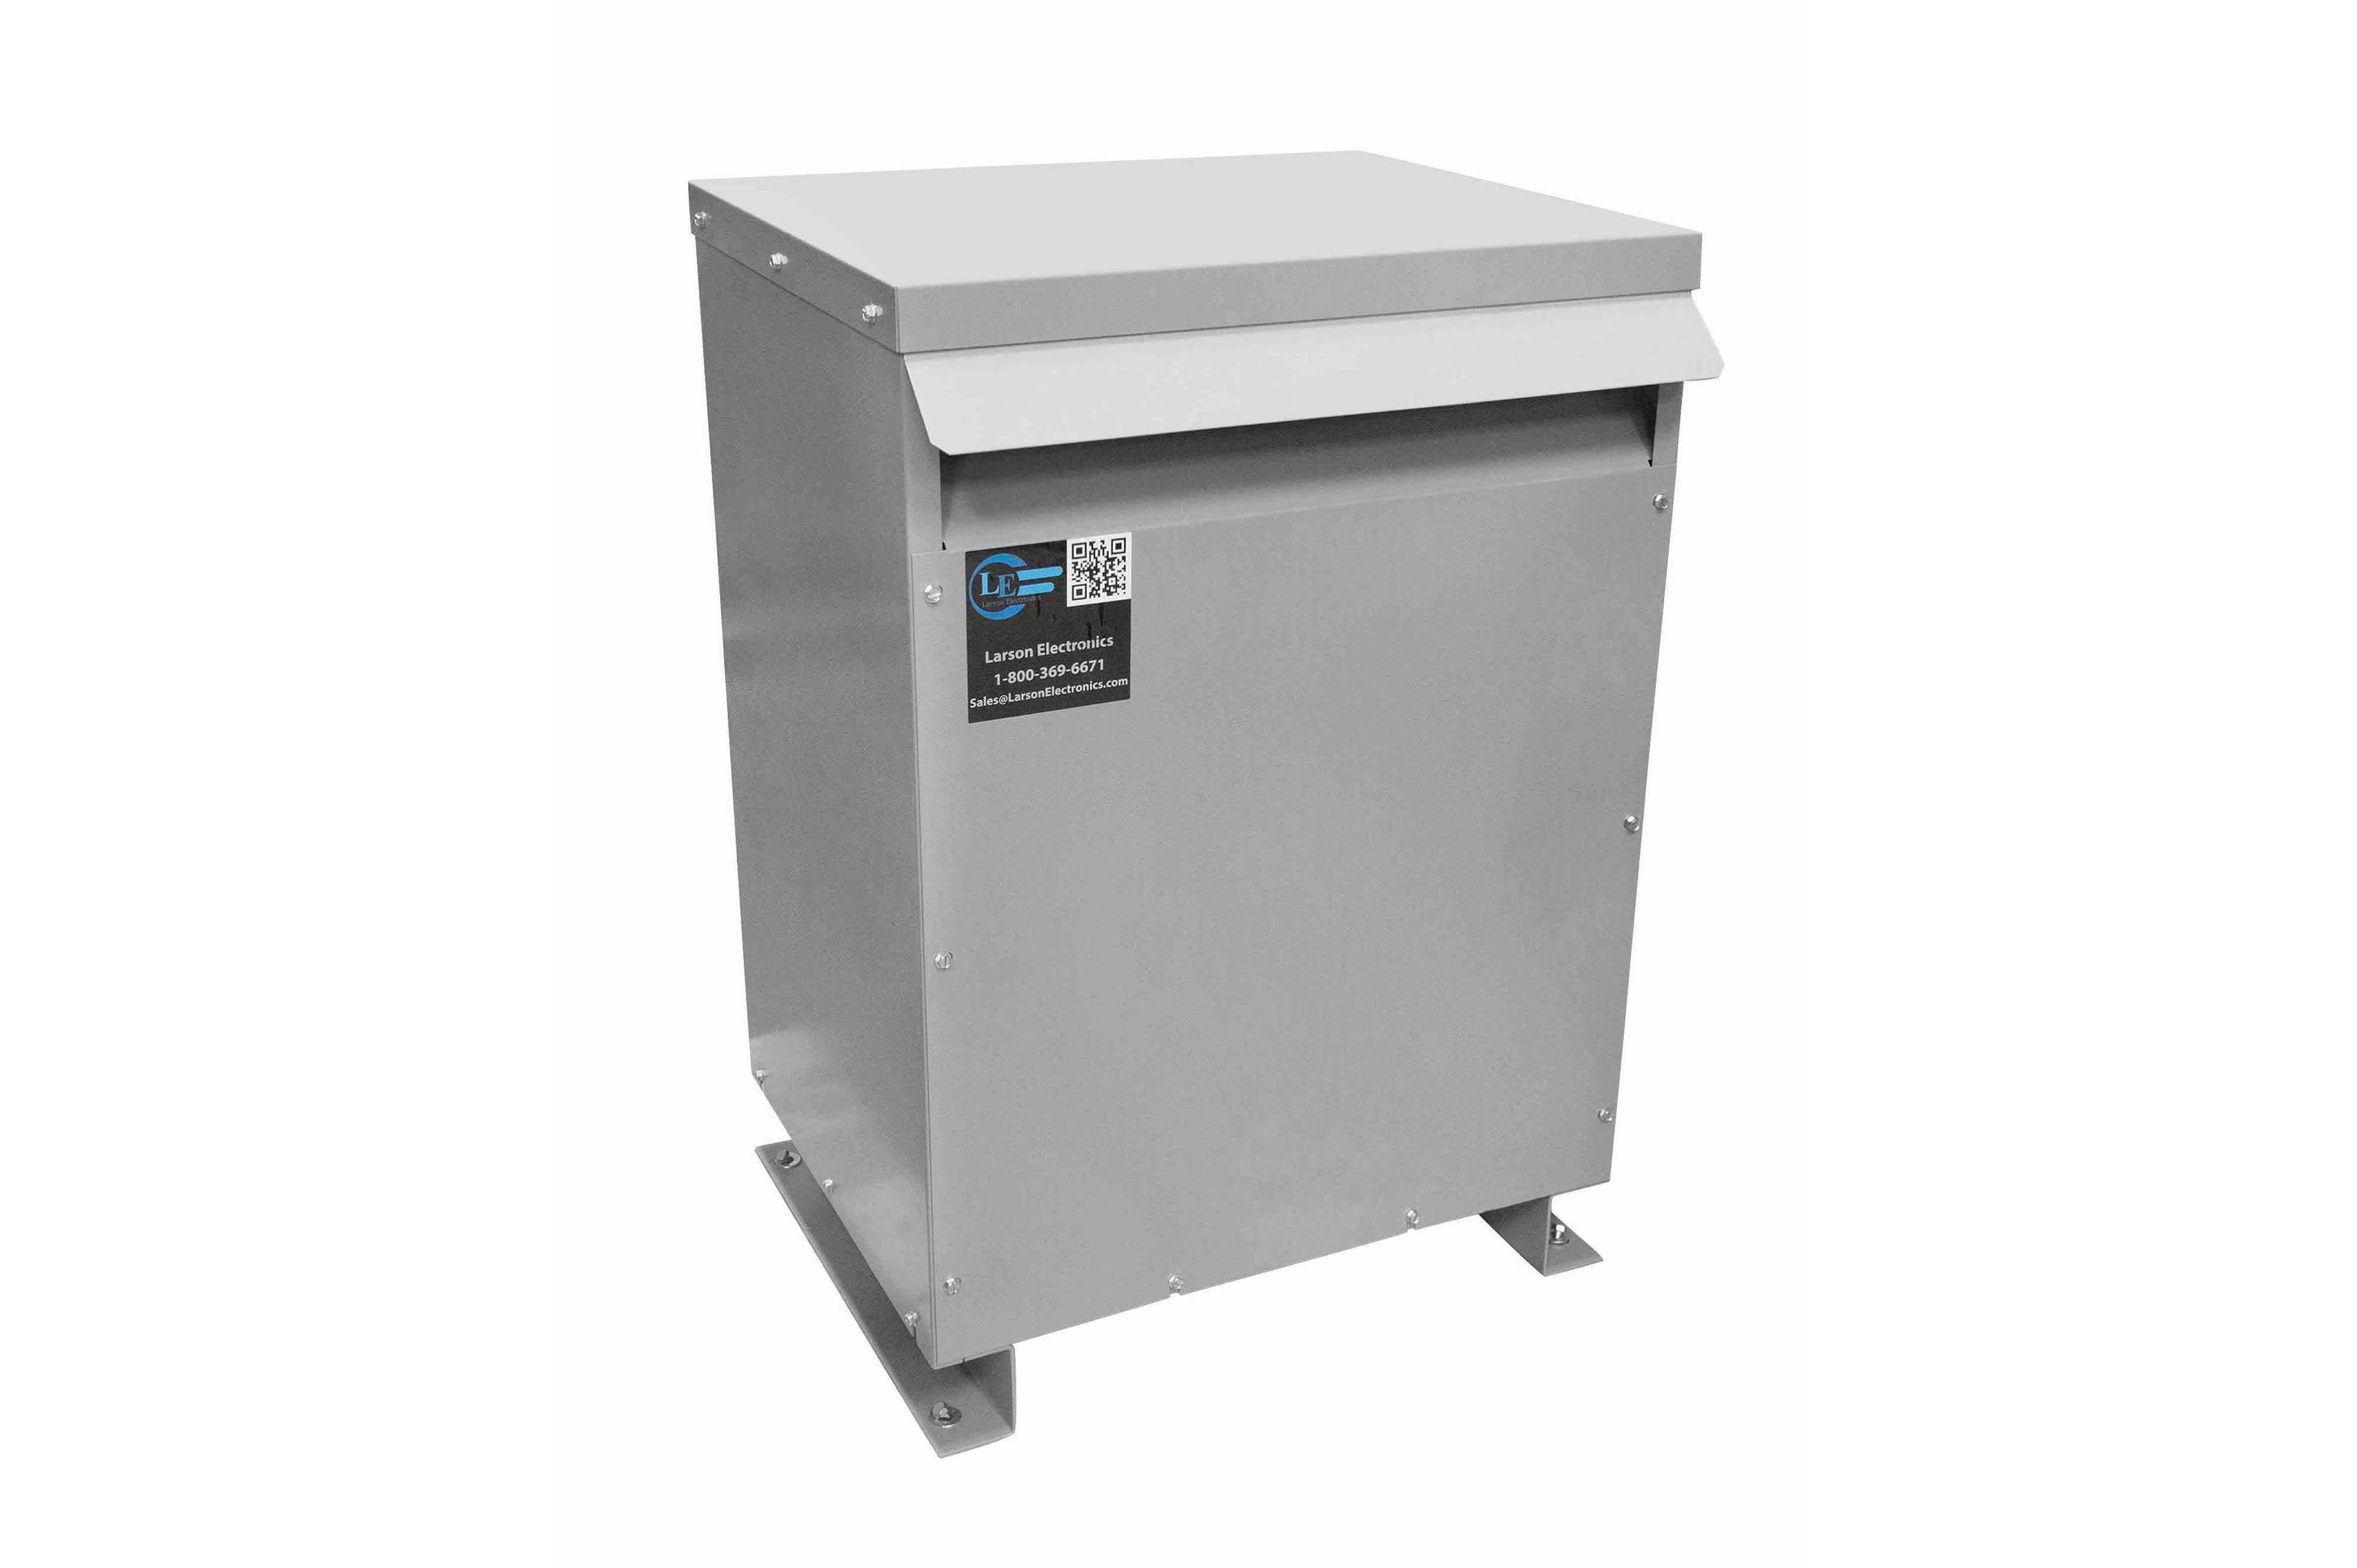 55 kVA 3PH Isolation Transformer, 460V Delta Primary, 208V Delta Secondary, N3R, Ventilated, 60 Hz